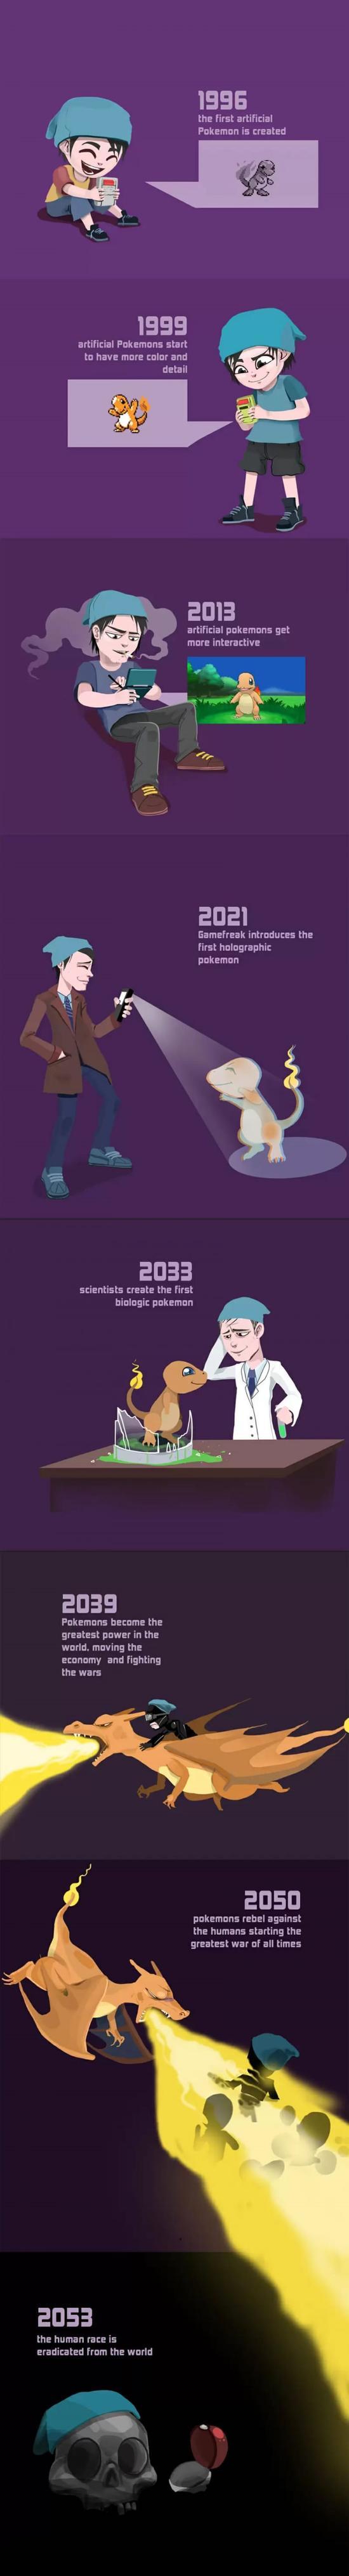 口袋妖怪的进化····想起了孙渣的一篇漫画···